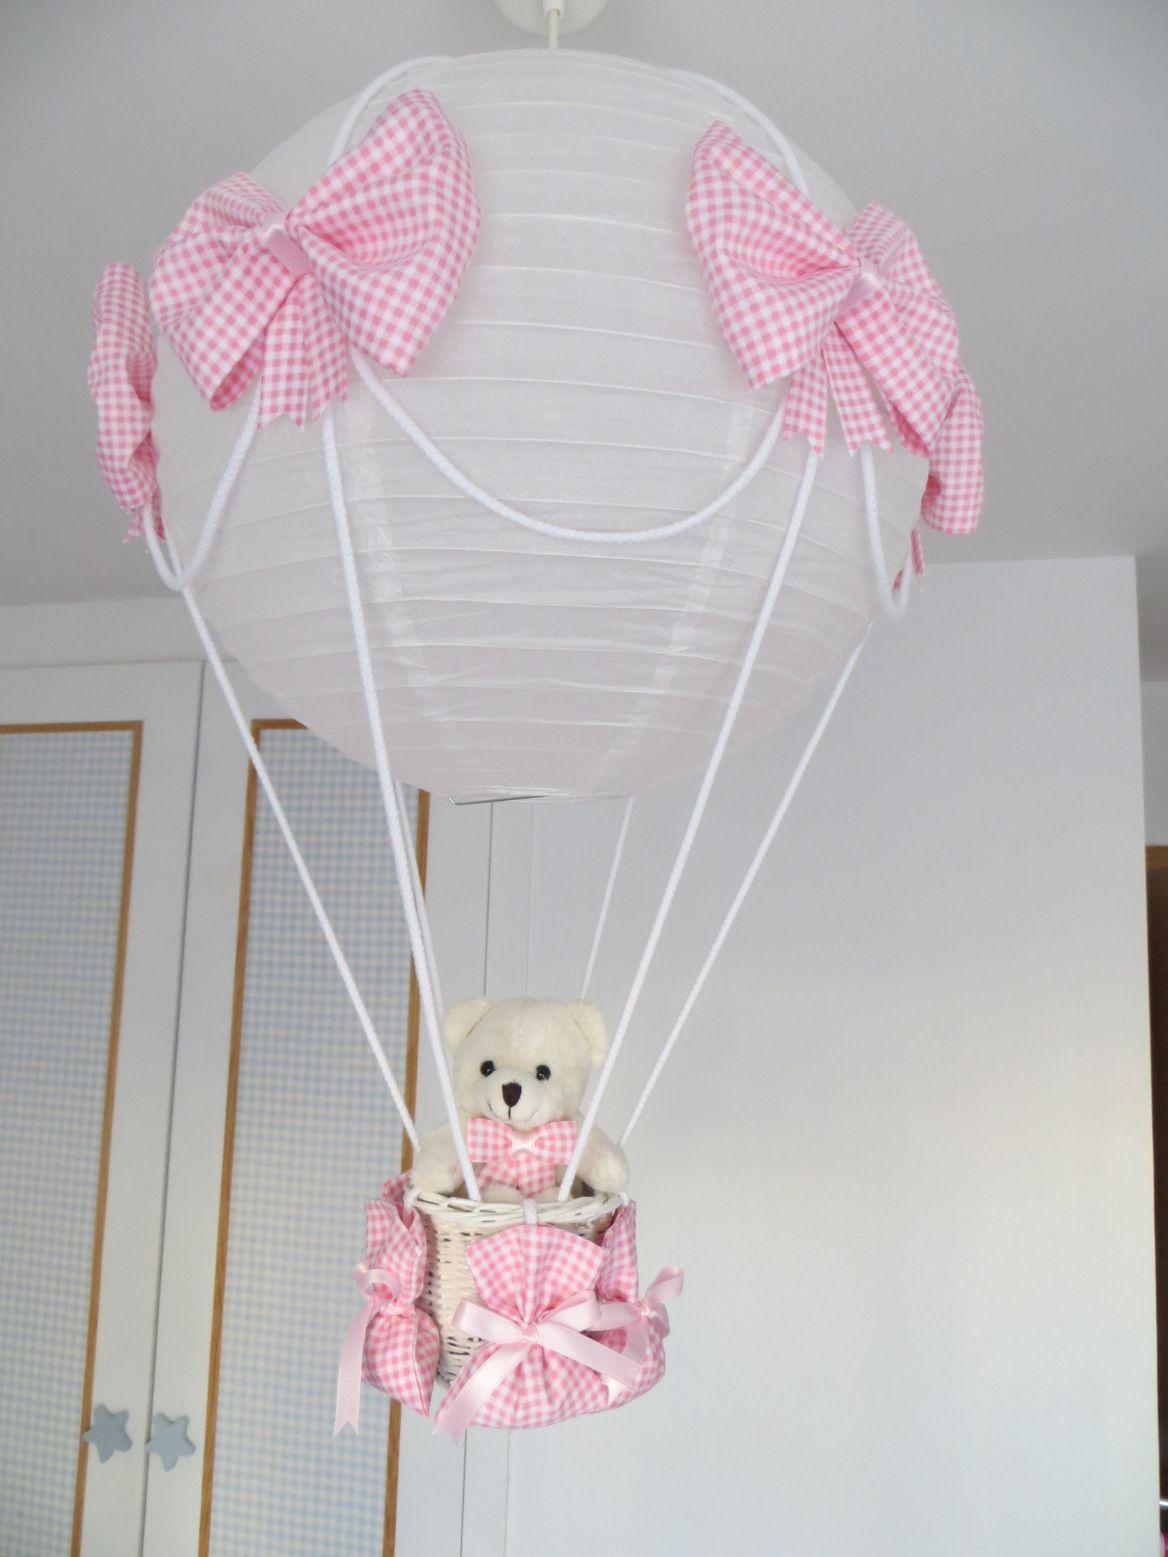 Lamparas globo para decorar la habitaci n de tu bebe baby pinterest babies babyshower and - Lamparas habitacion bebe ...